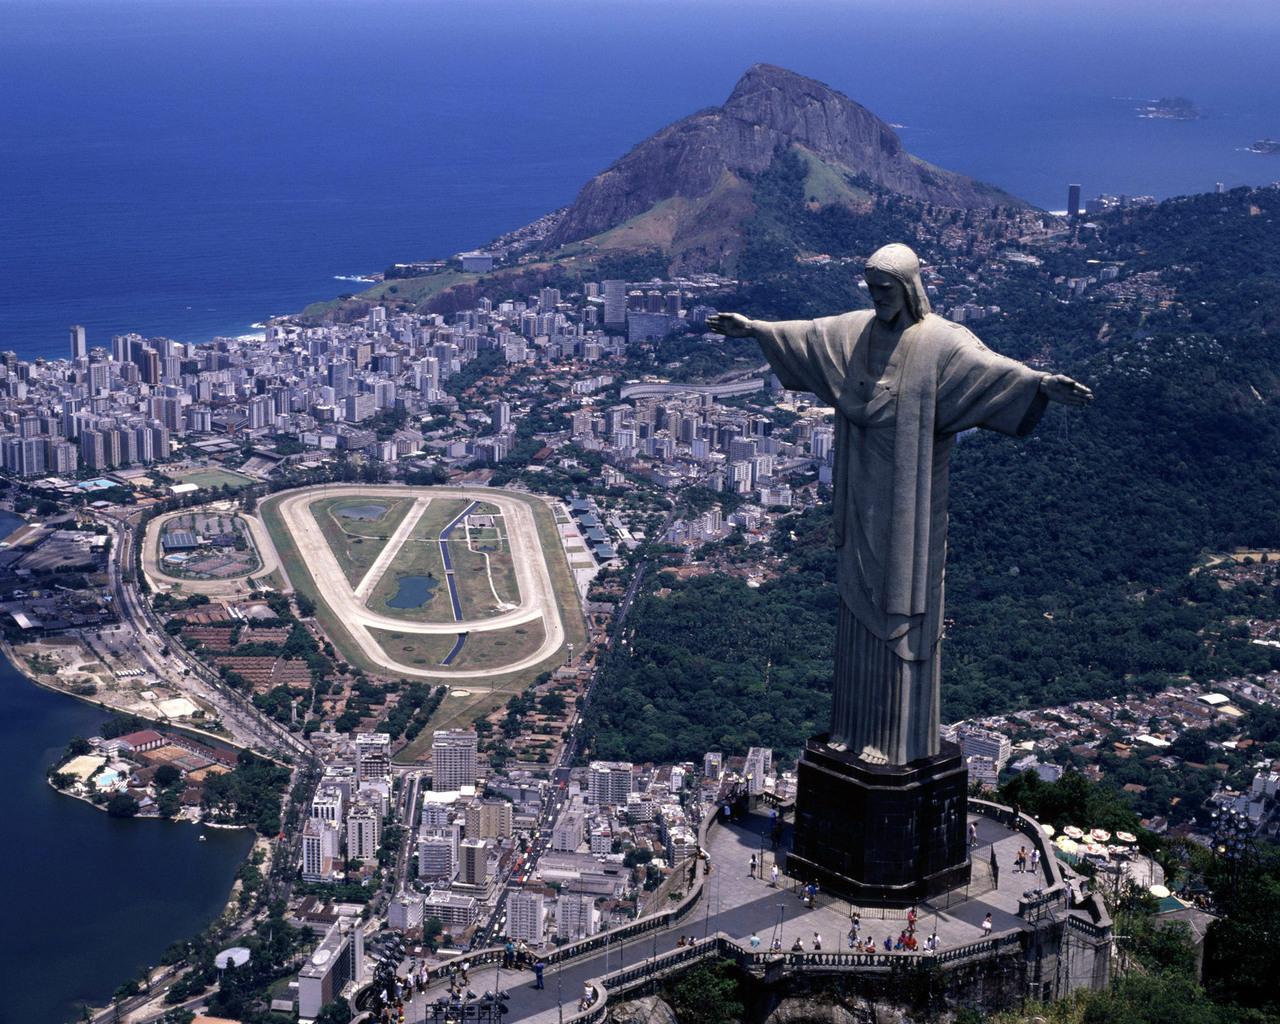 Рио де жанейро бразилия фото